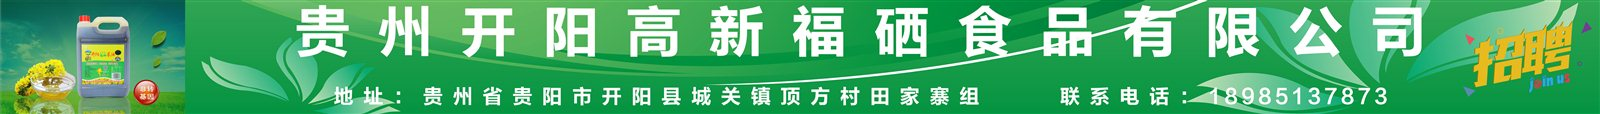 贵州开阳高新福硒食品有限公司